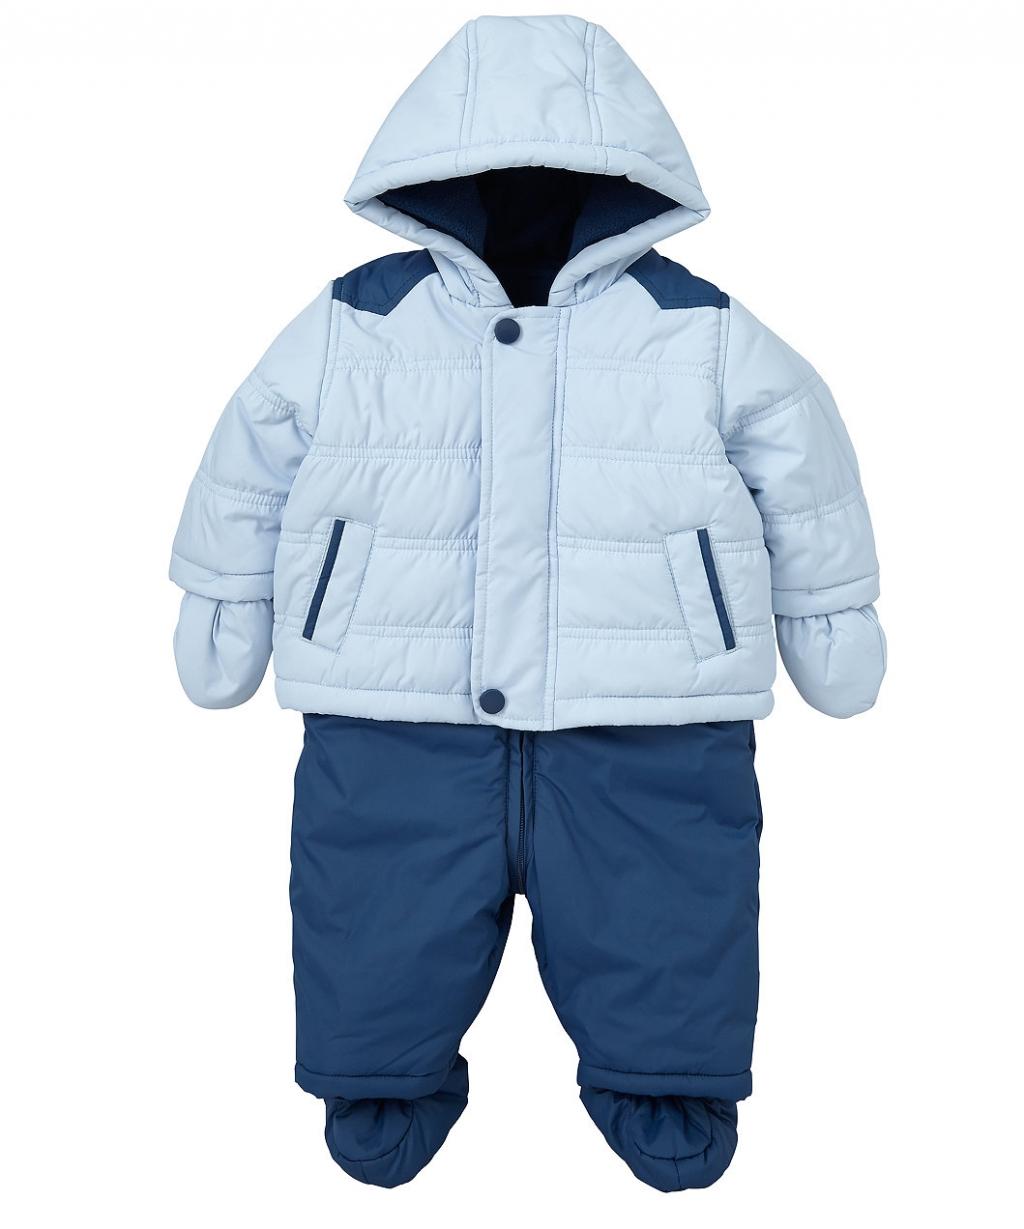 c7b8114923ca Комплект для немовлят  куртка та комбінезон (Mothercare) купить со ...